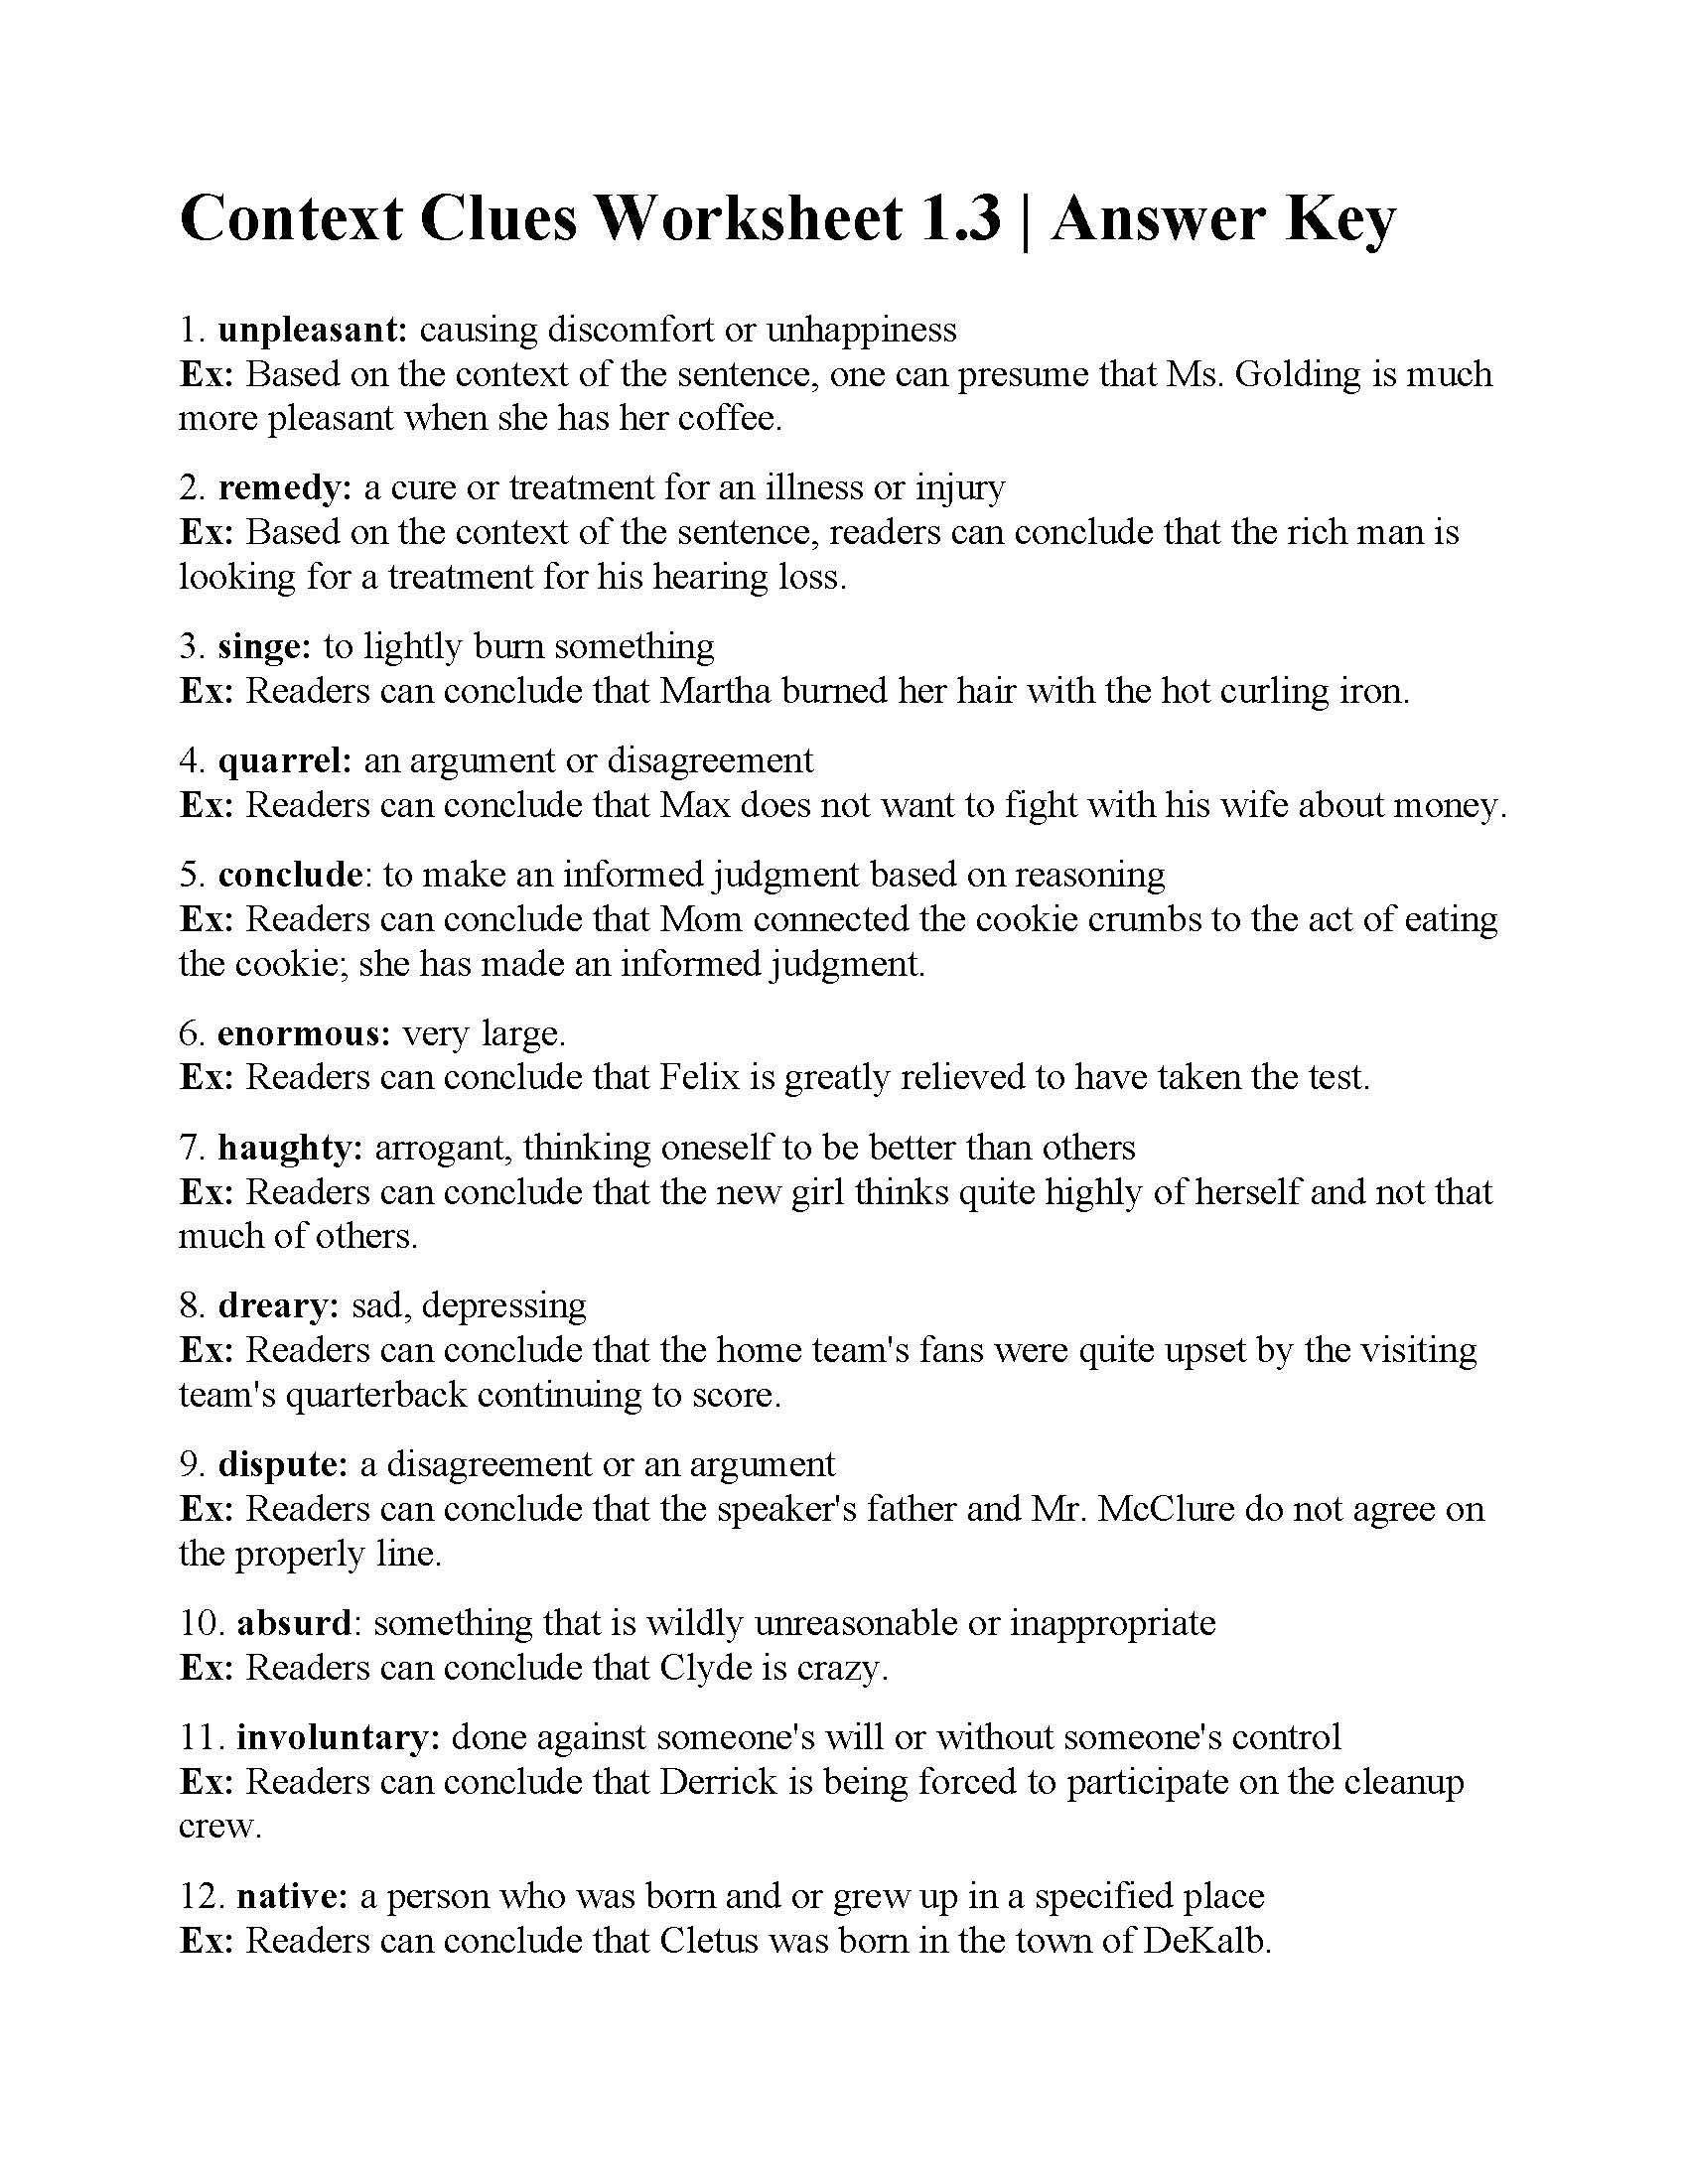 Context Clues 5th Grade Worksheets Context Clues Worksheet 1 3